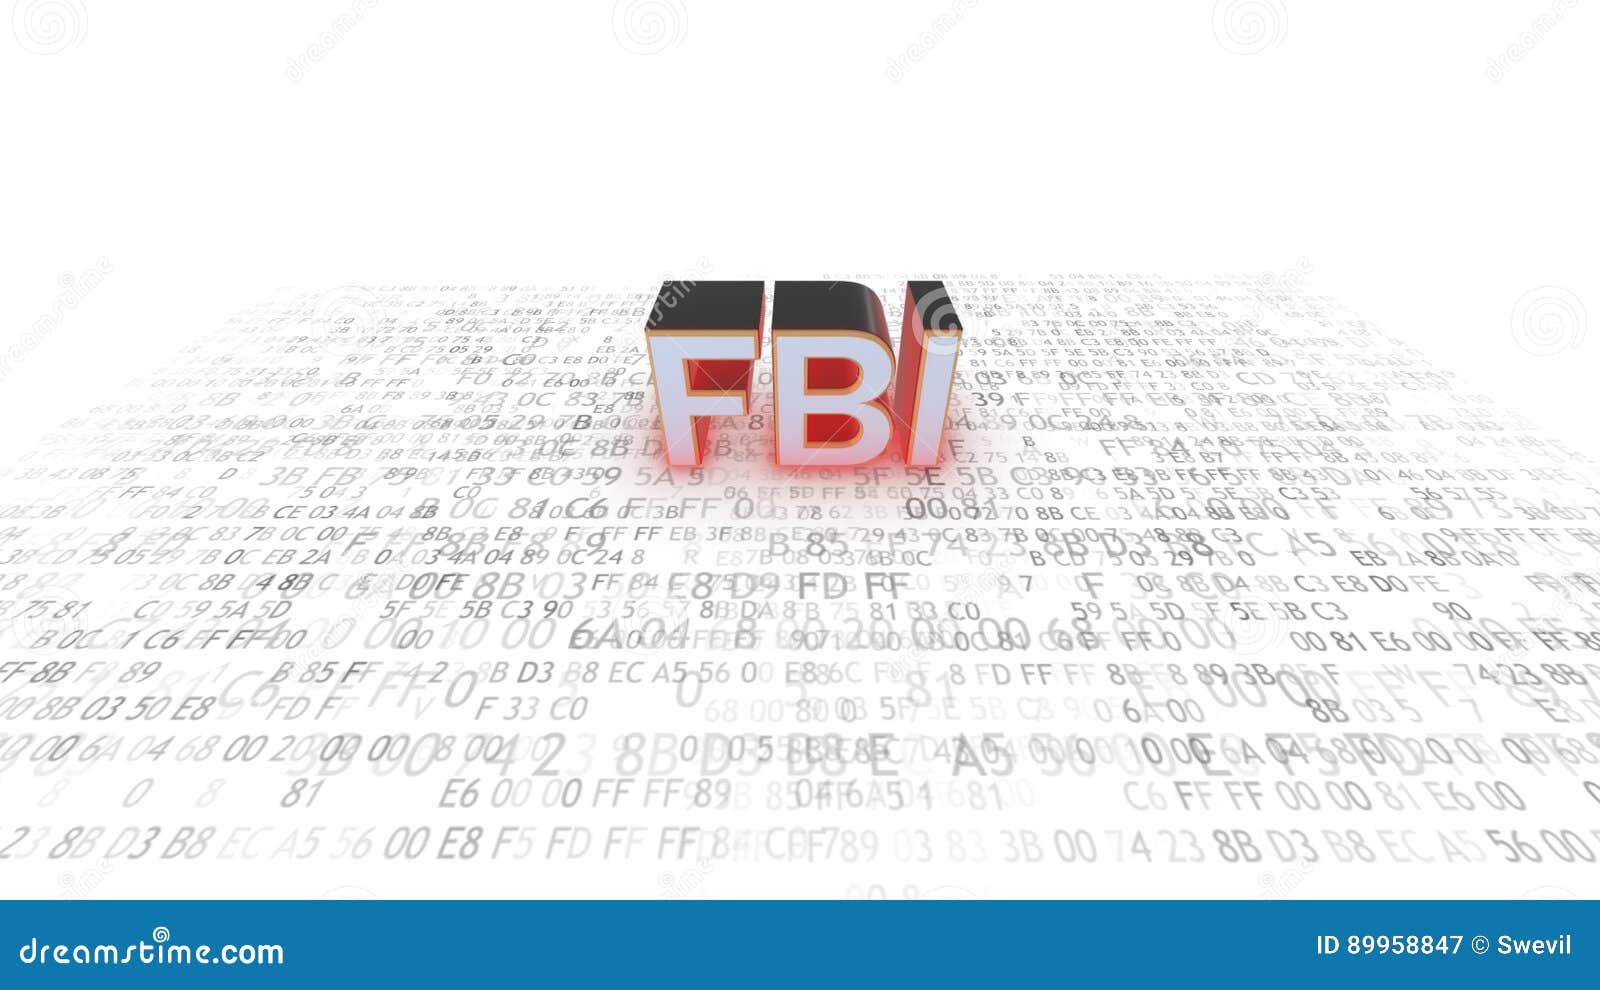 Cyberespionage FBI Entailler de la technologie de l information code blanc